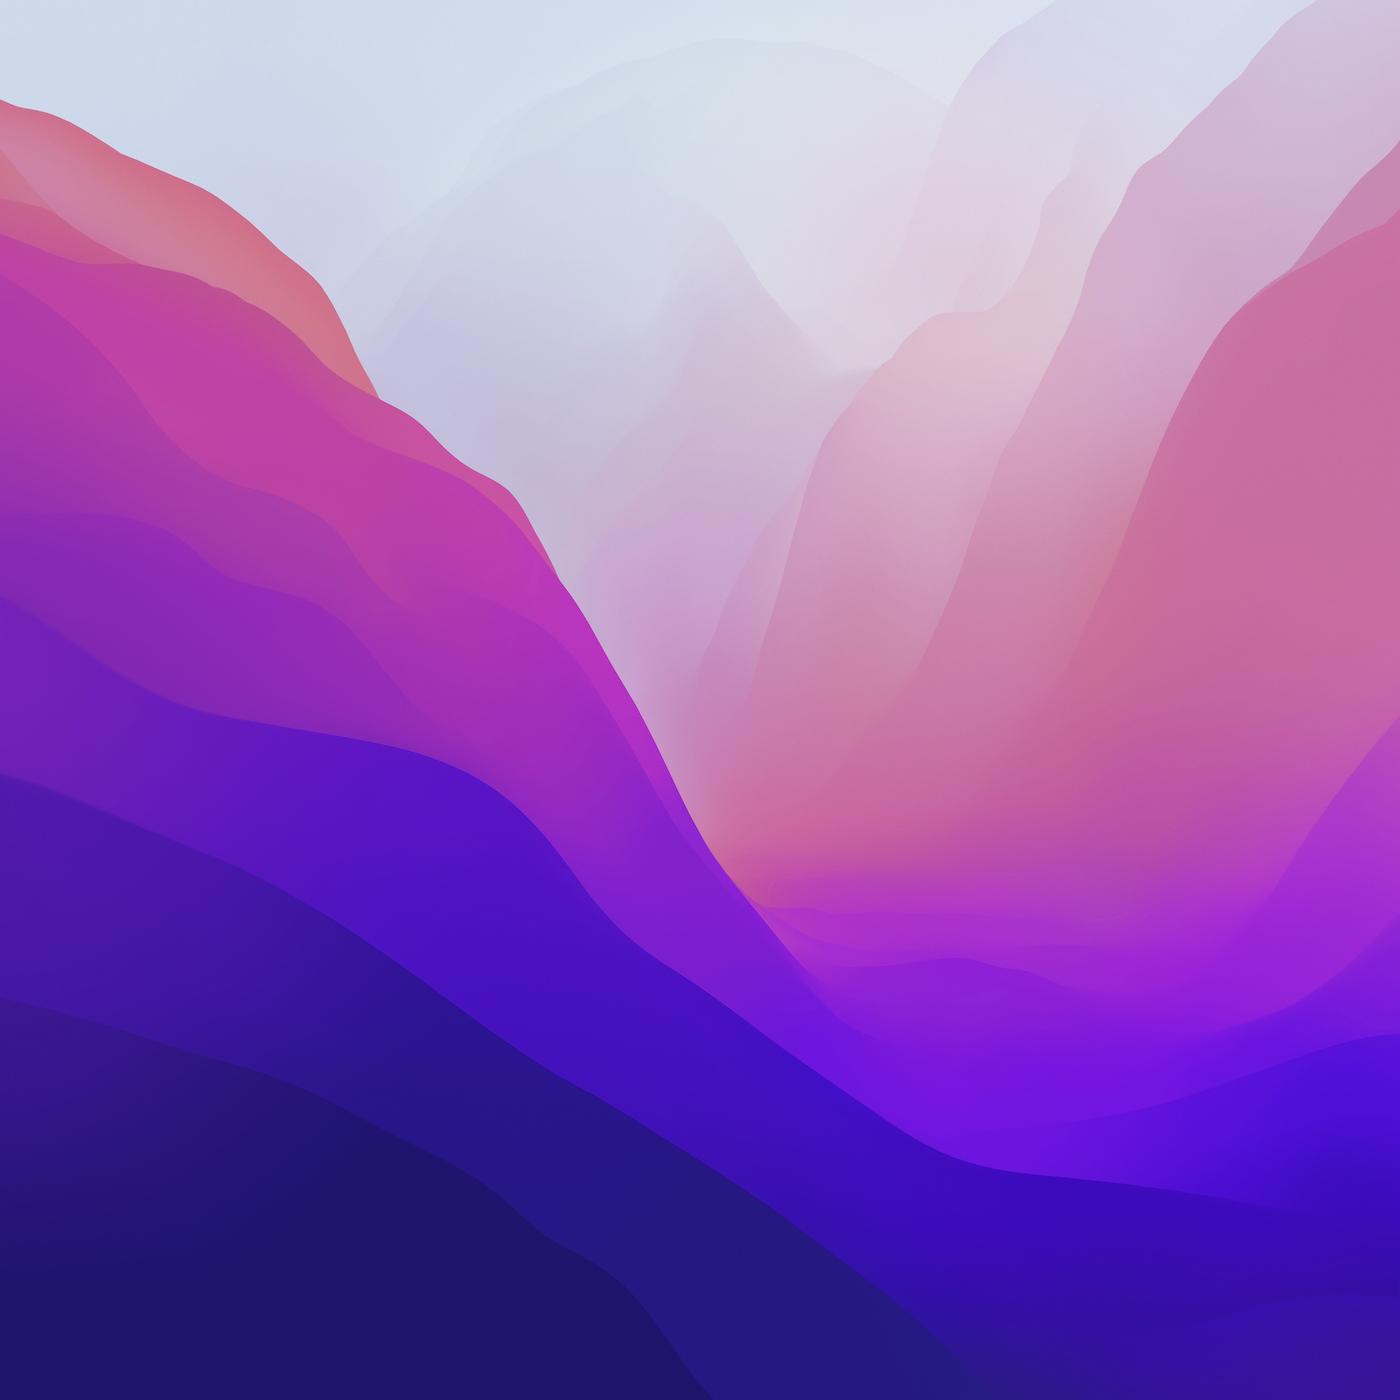 macOS Monterey wallpapers download